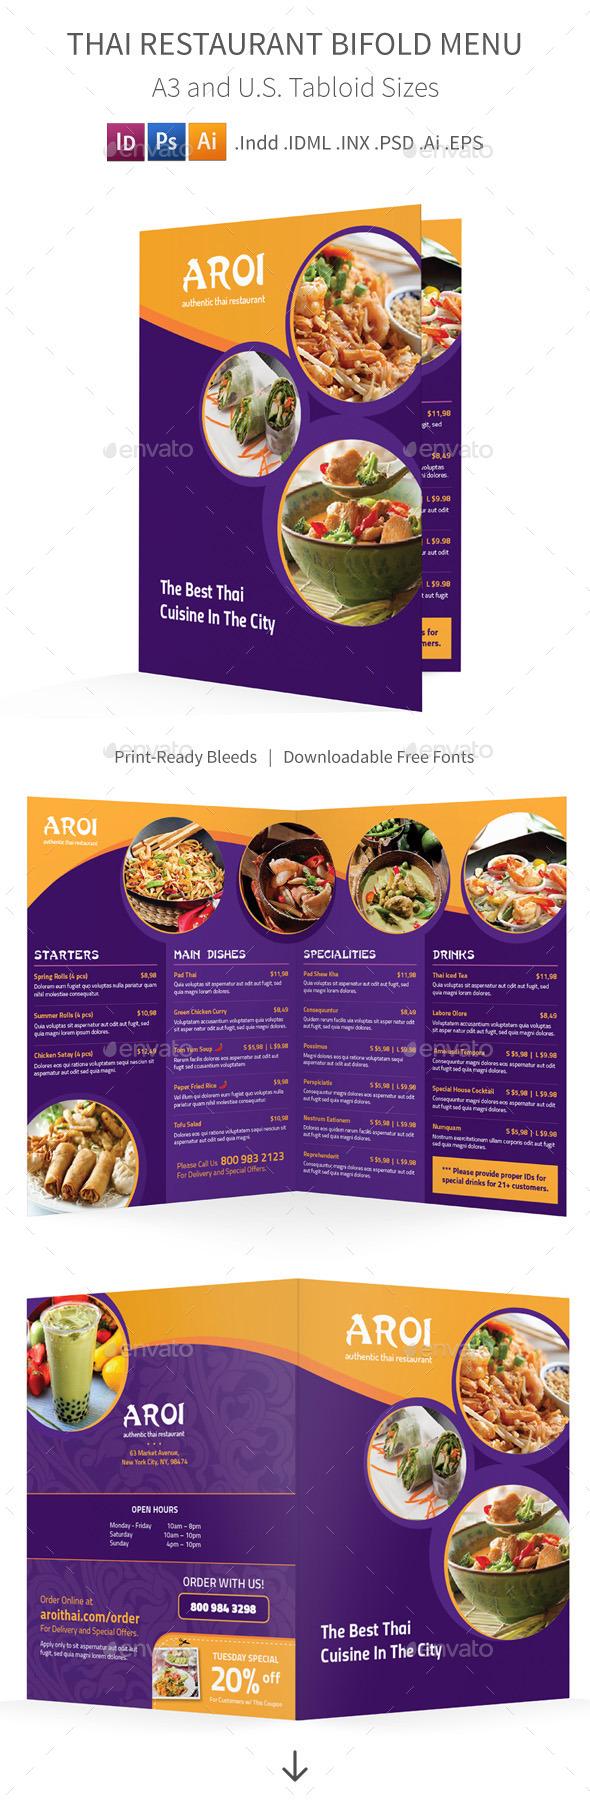 GraphicRiver Thai Restaurant Bifold Halffold Menu 10815851